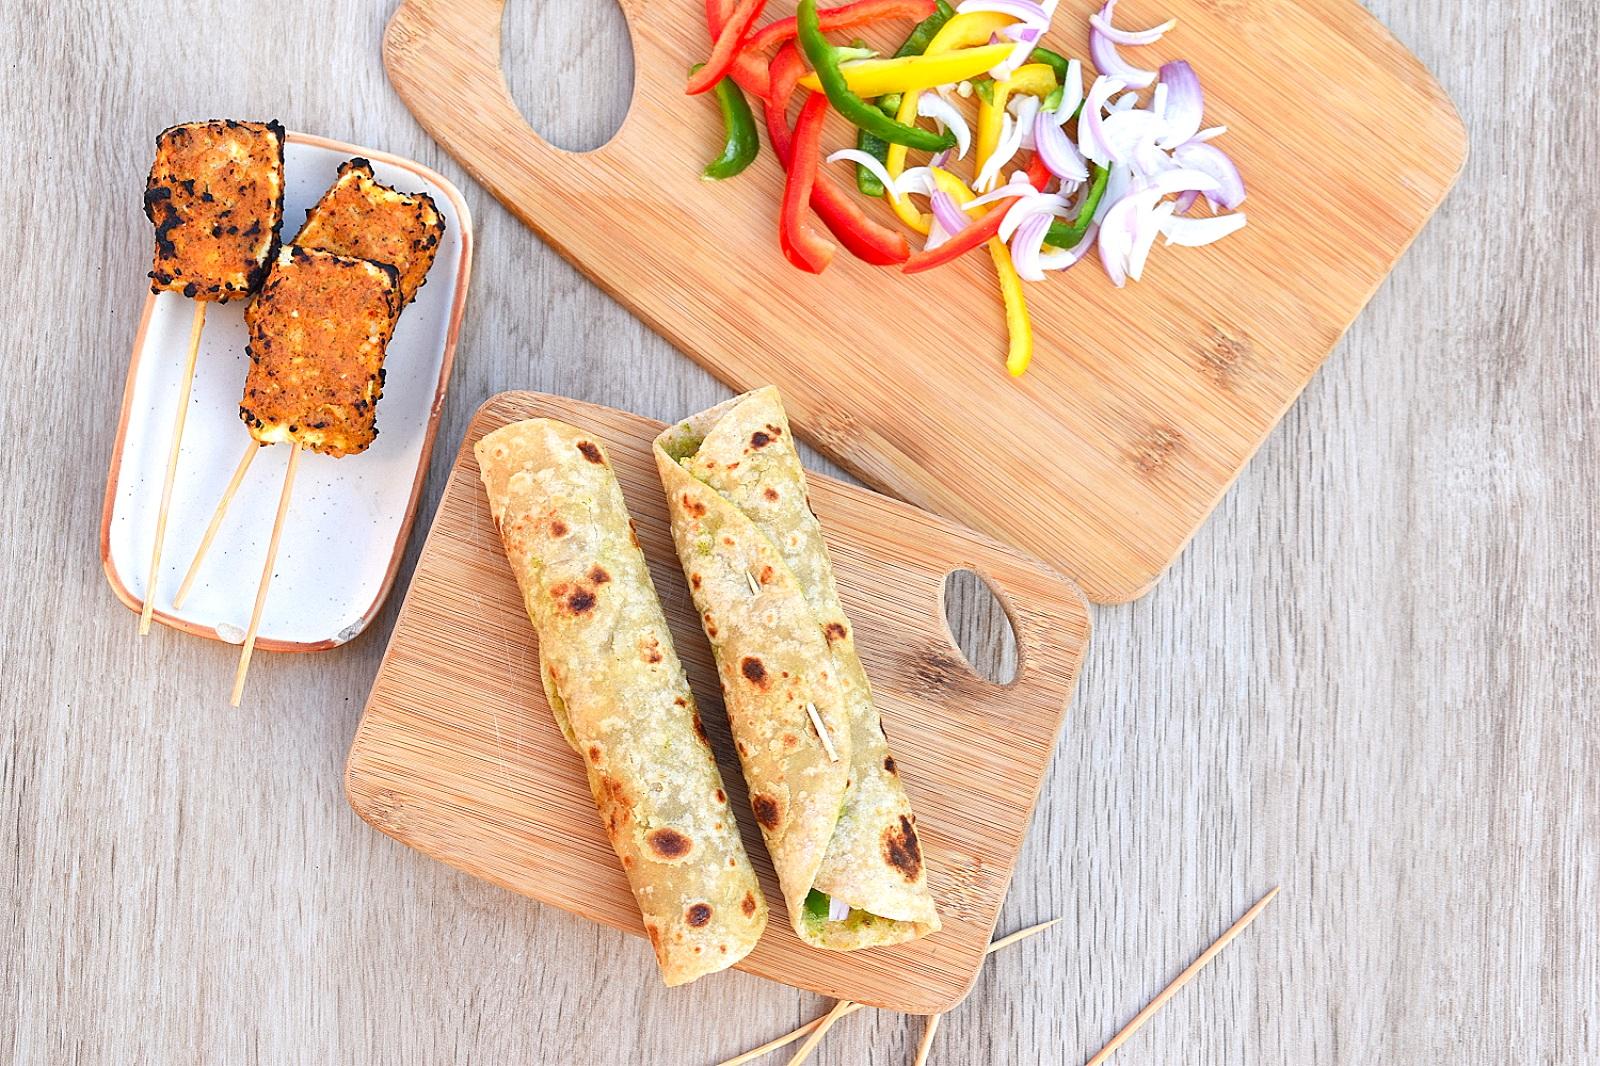 kathi rolls recipe